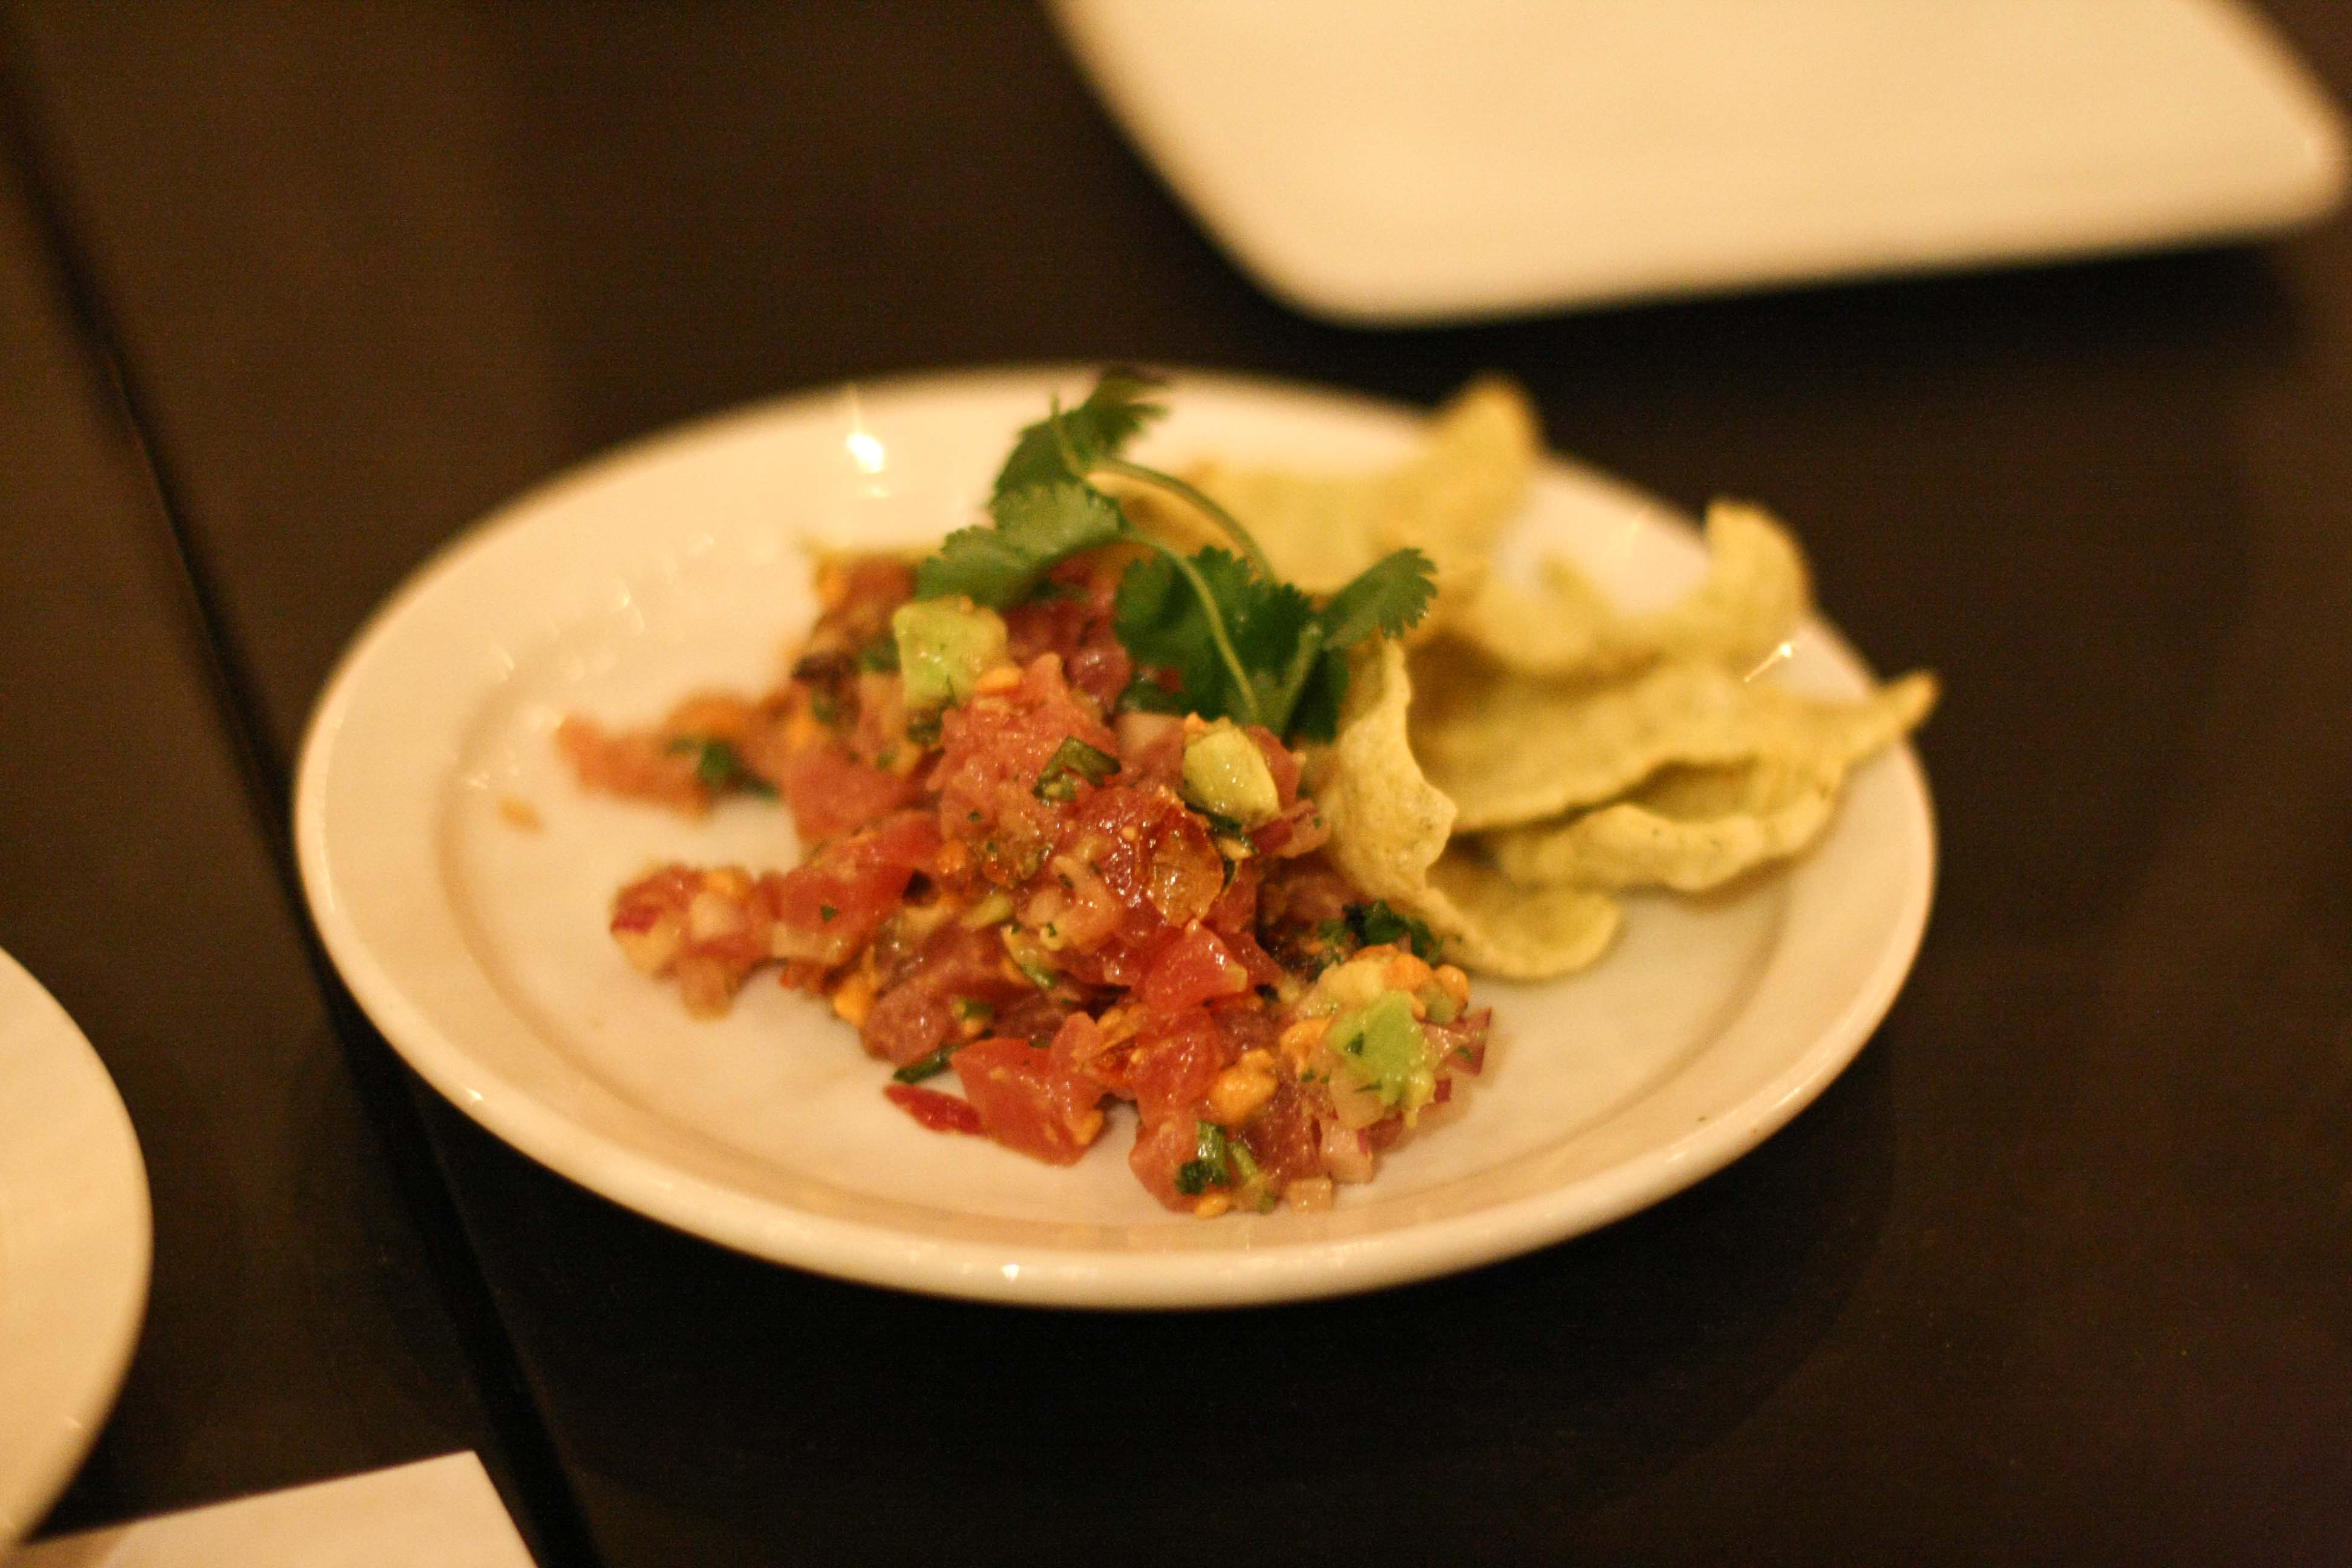 Tuna Ceviche, avocado, tangerine, chipotle, toasted corn